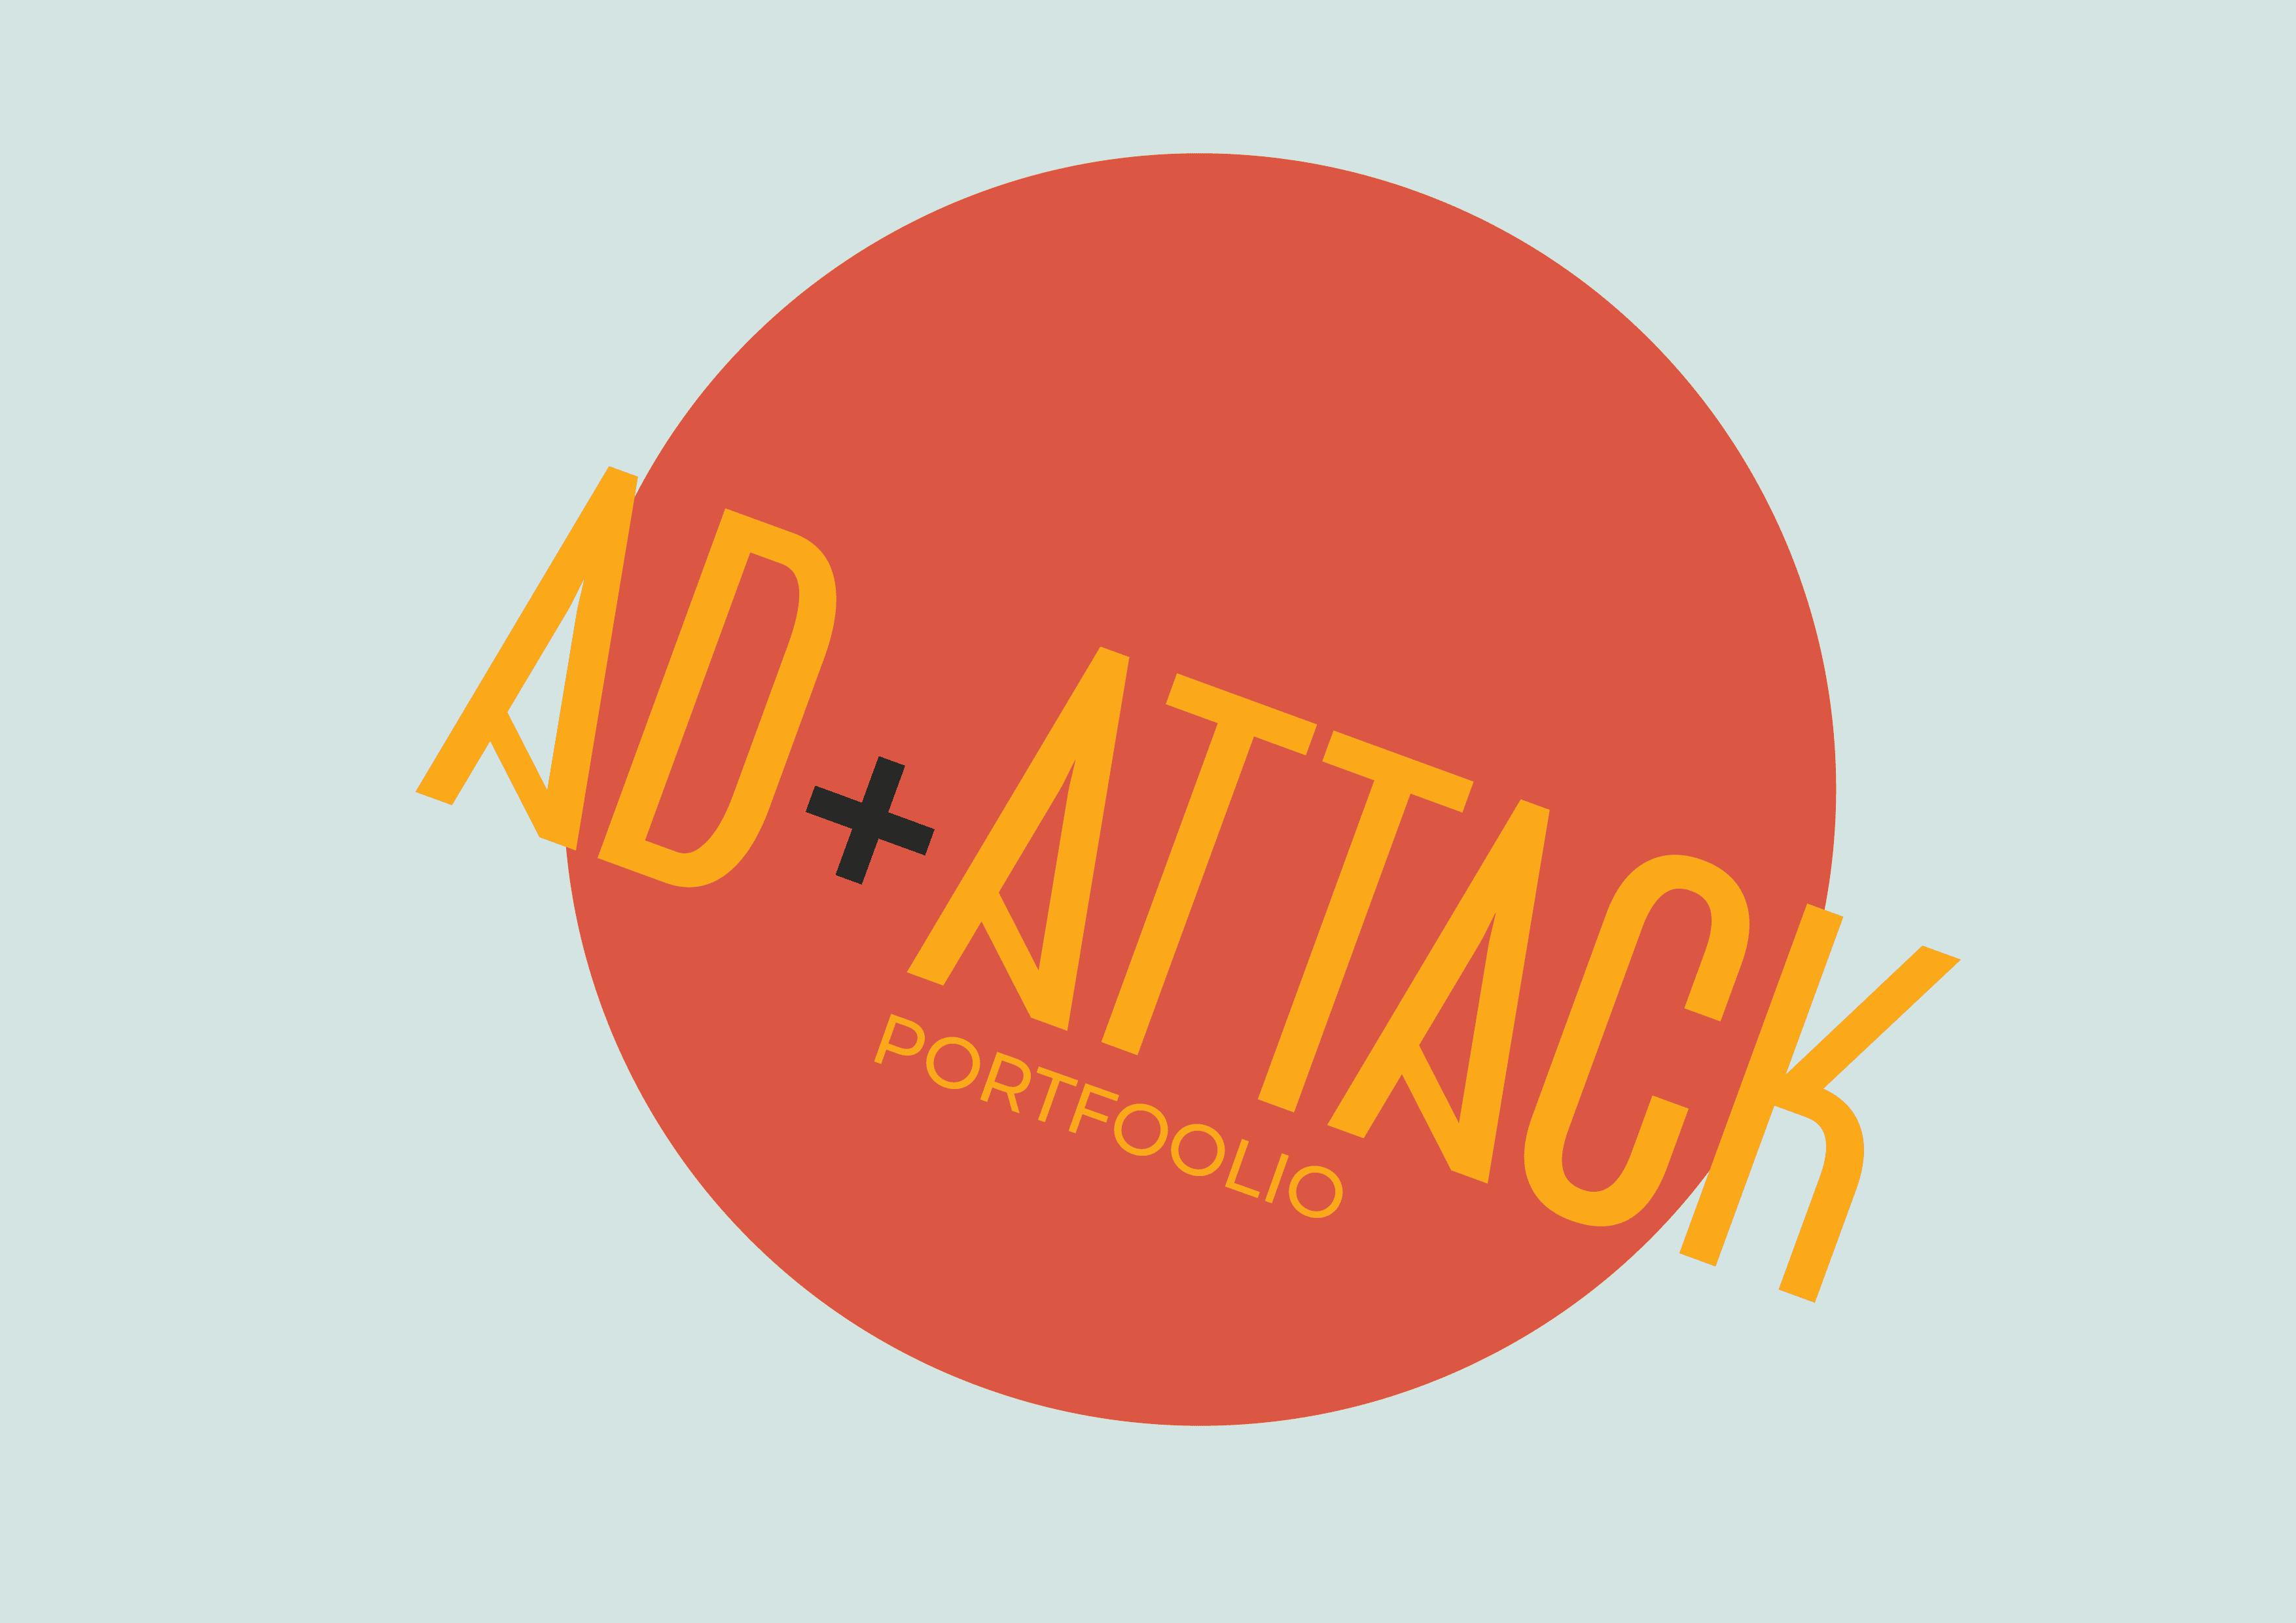 adattack